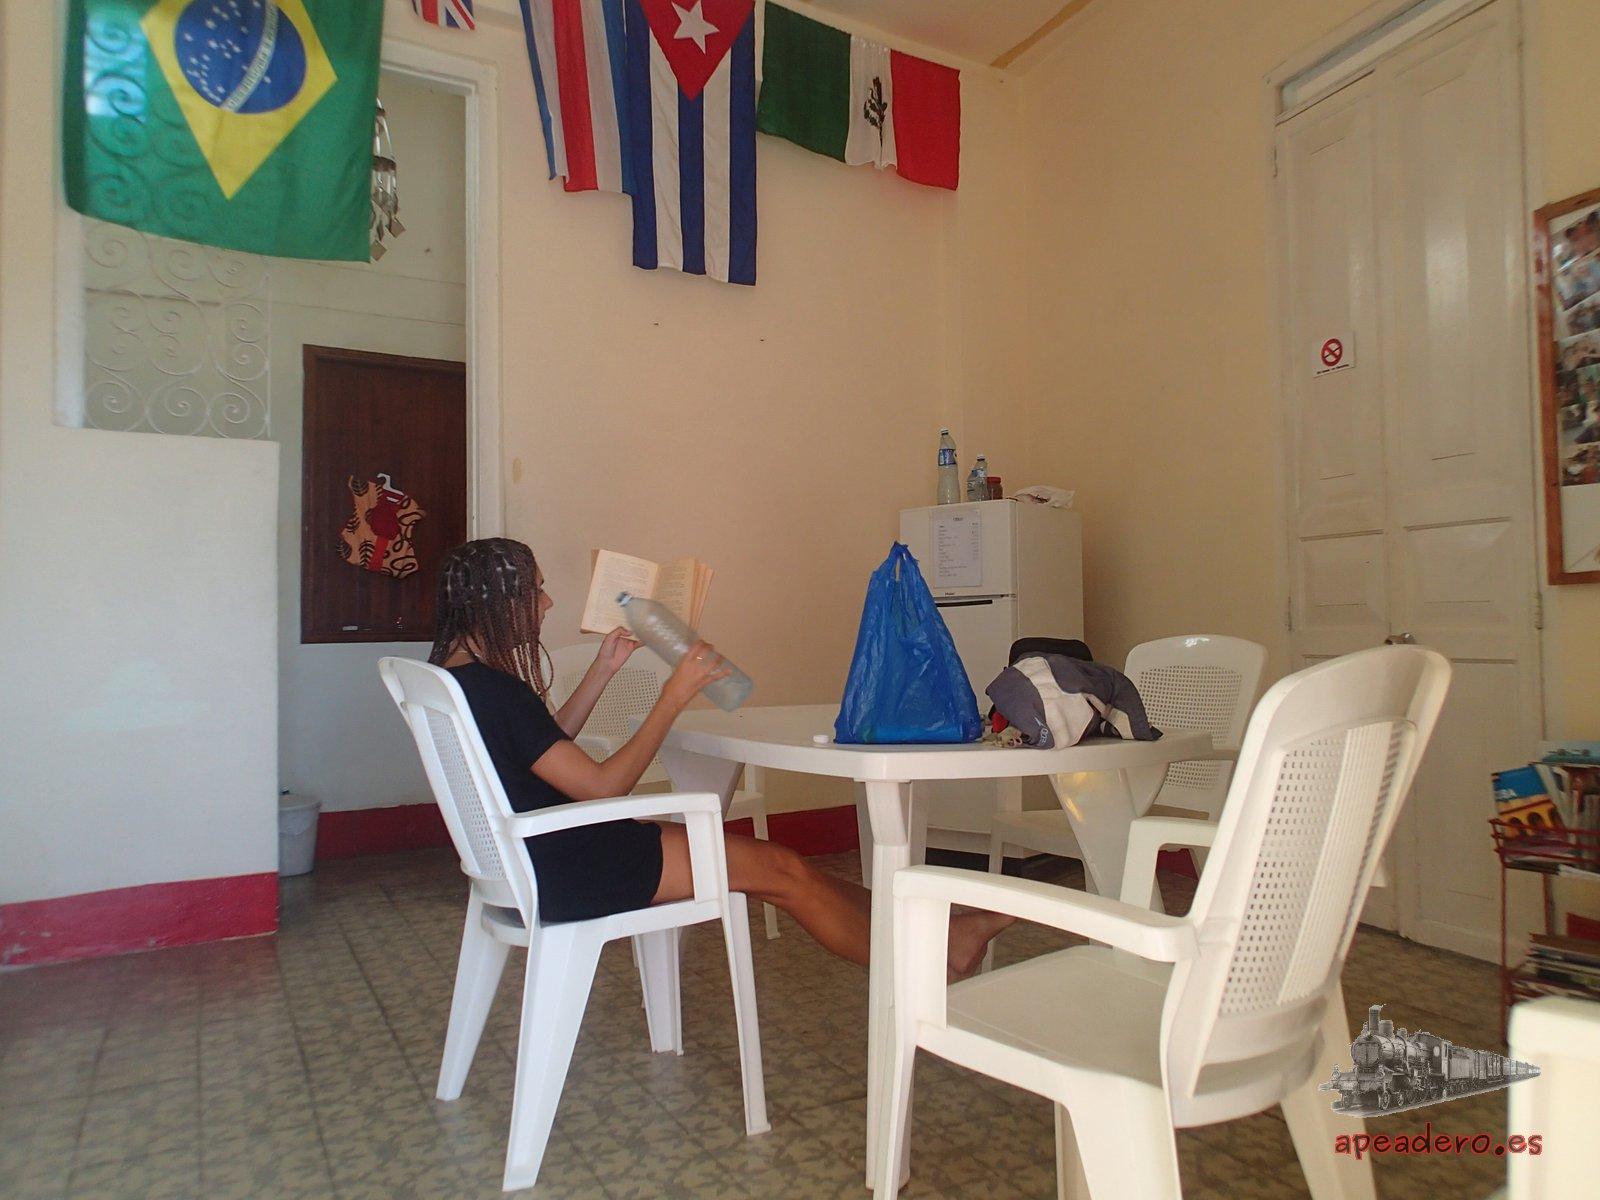 El Hamel Hostel de Wilfredo y Magnolia fue nuestro hogar más que nunca estos 3 días en los que decidimos bajar el ritmo y disfrutar de La Habana como cubanos.